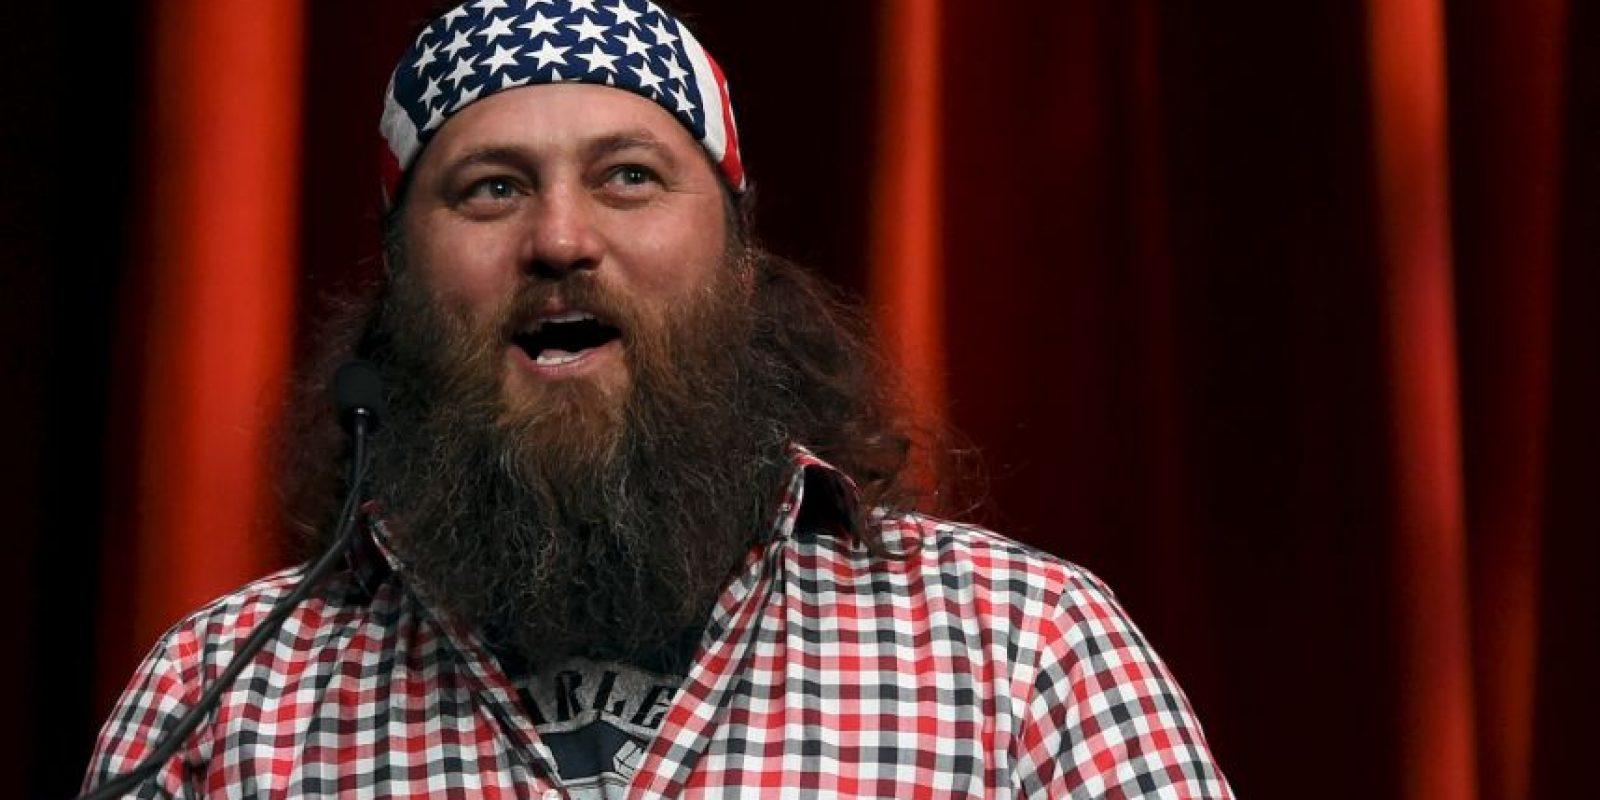 """Willie Robertson. El empresario y estrella de """"Duck Dynasty"""" de A&E apoyó Trump en un rally en Oklahoma el año pasado, donde fue invitado al escenario. Foto:Getty Images"""